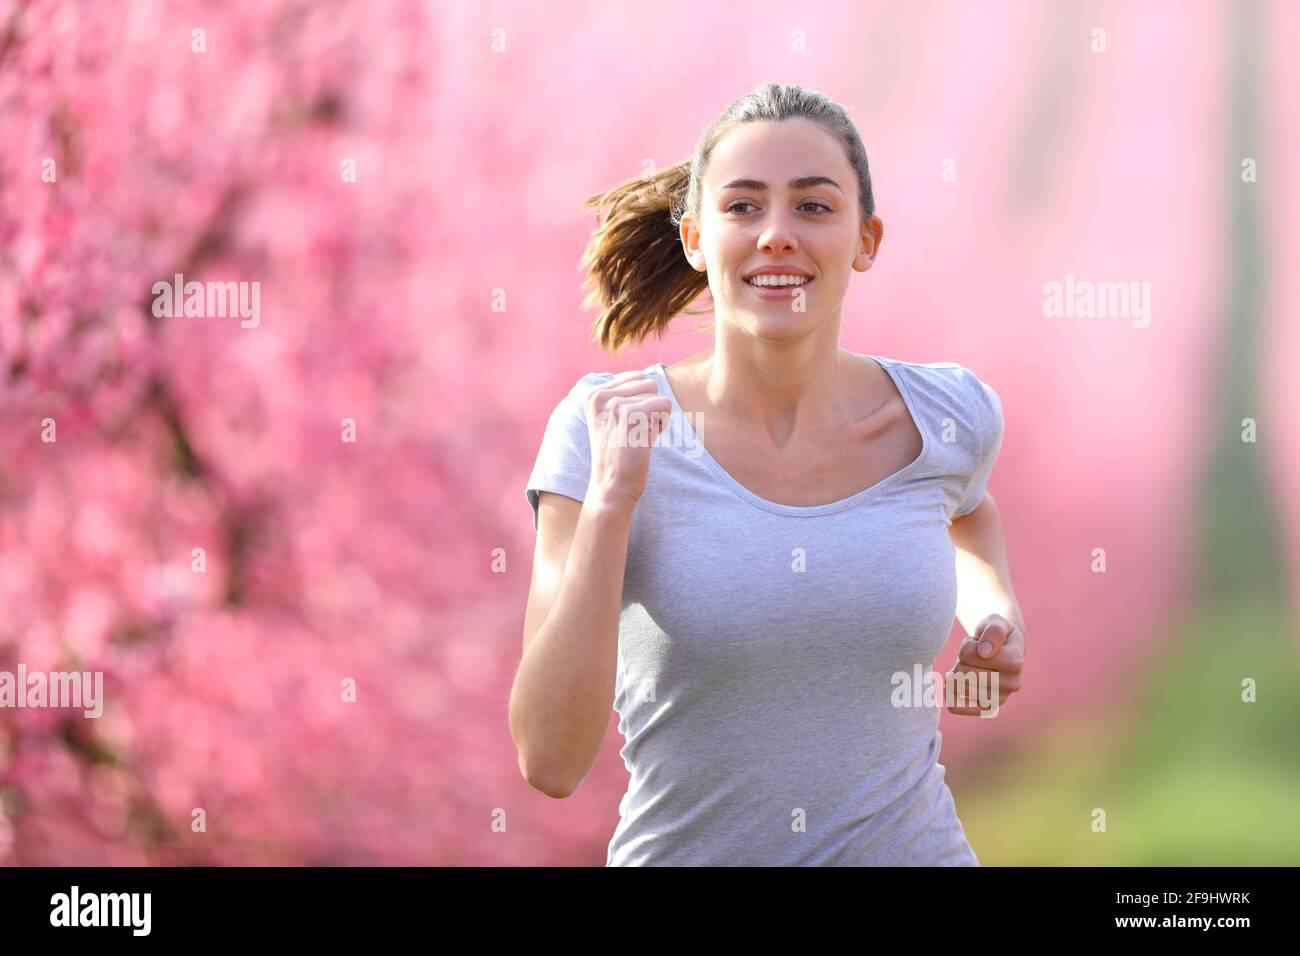 Vista frontal retrato de una mujer feliz corriendo en un campo de flujo hacia la cámara Foto de stock